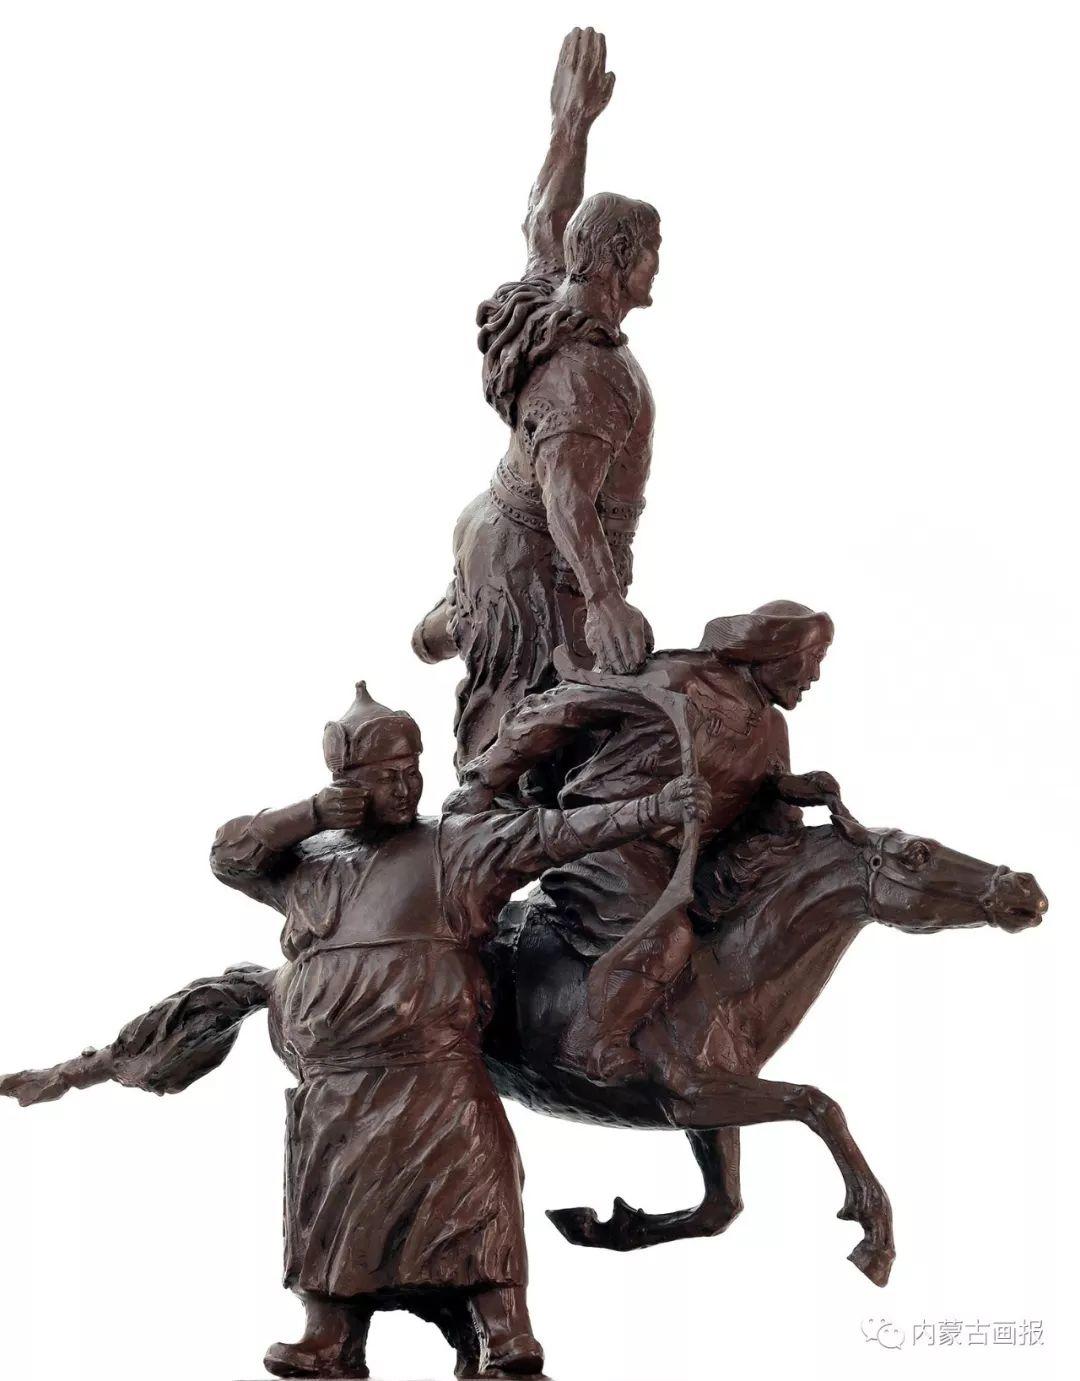 蒙古族雕塑艺术家铁木老师作品欣赏 ... 第15张 蒙古族雕塑艺术家铁木老师作品欣赏 ... 蒙古画廊